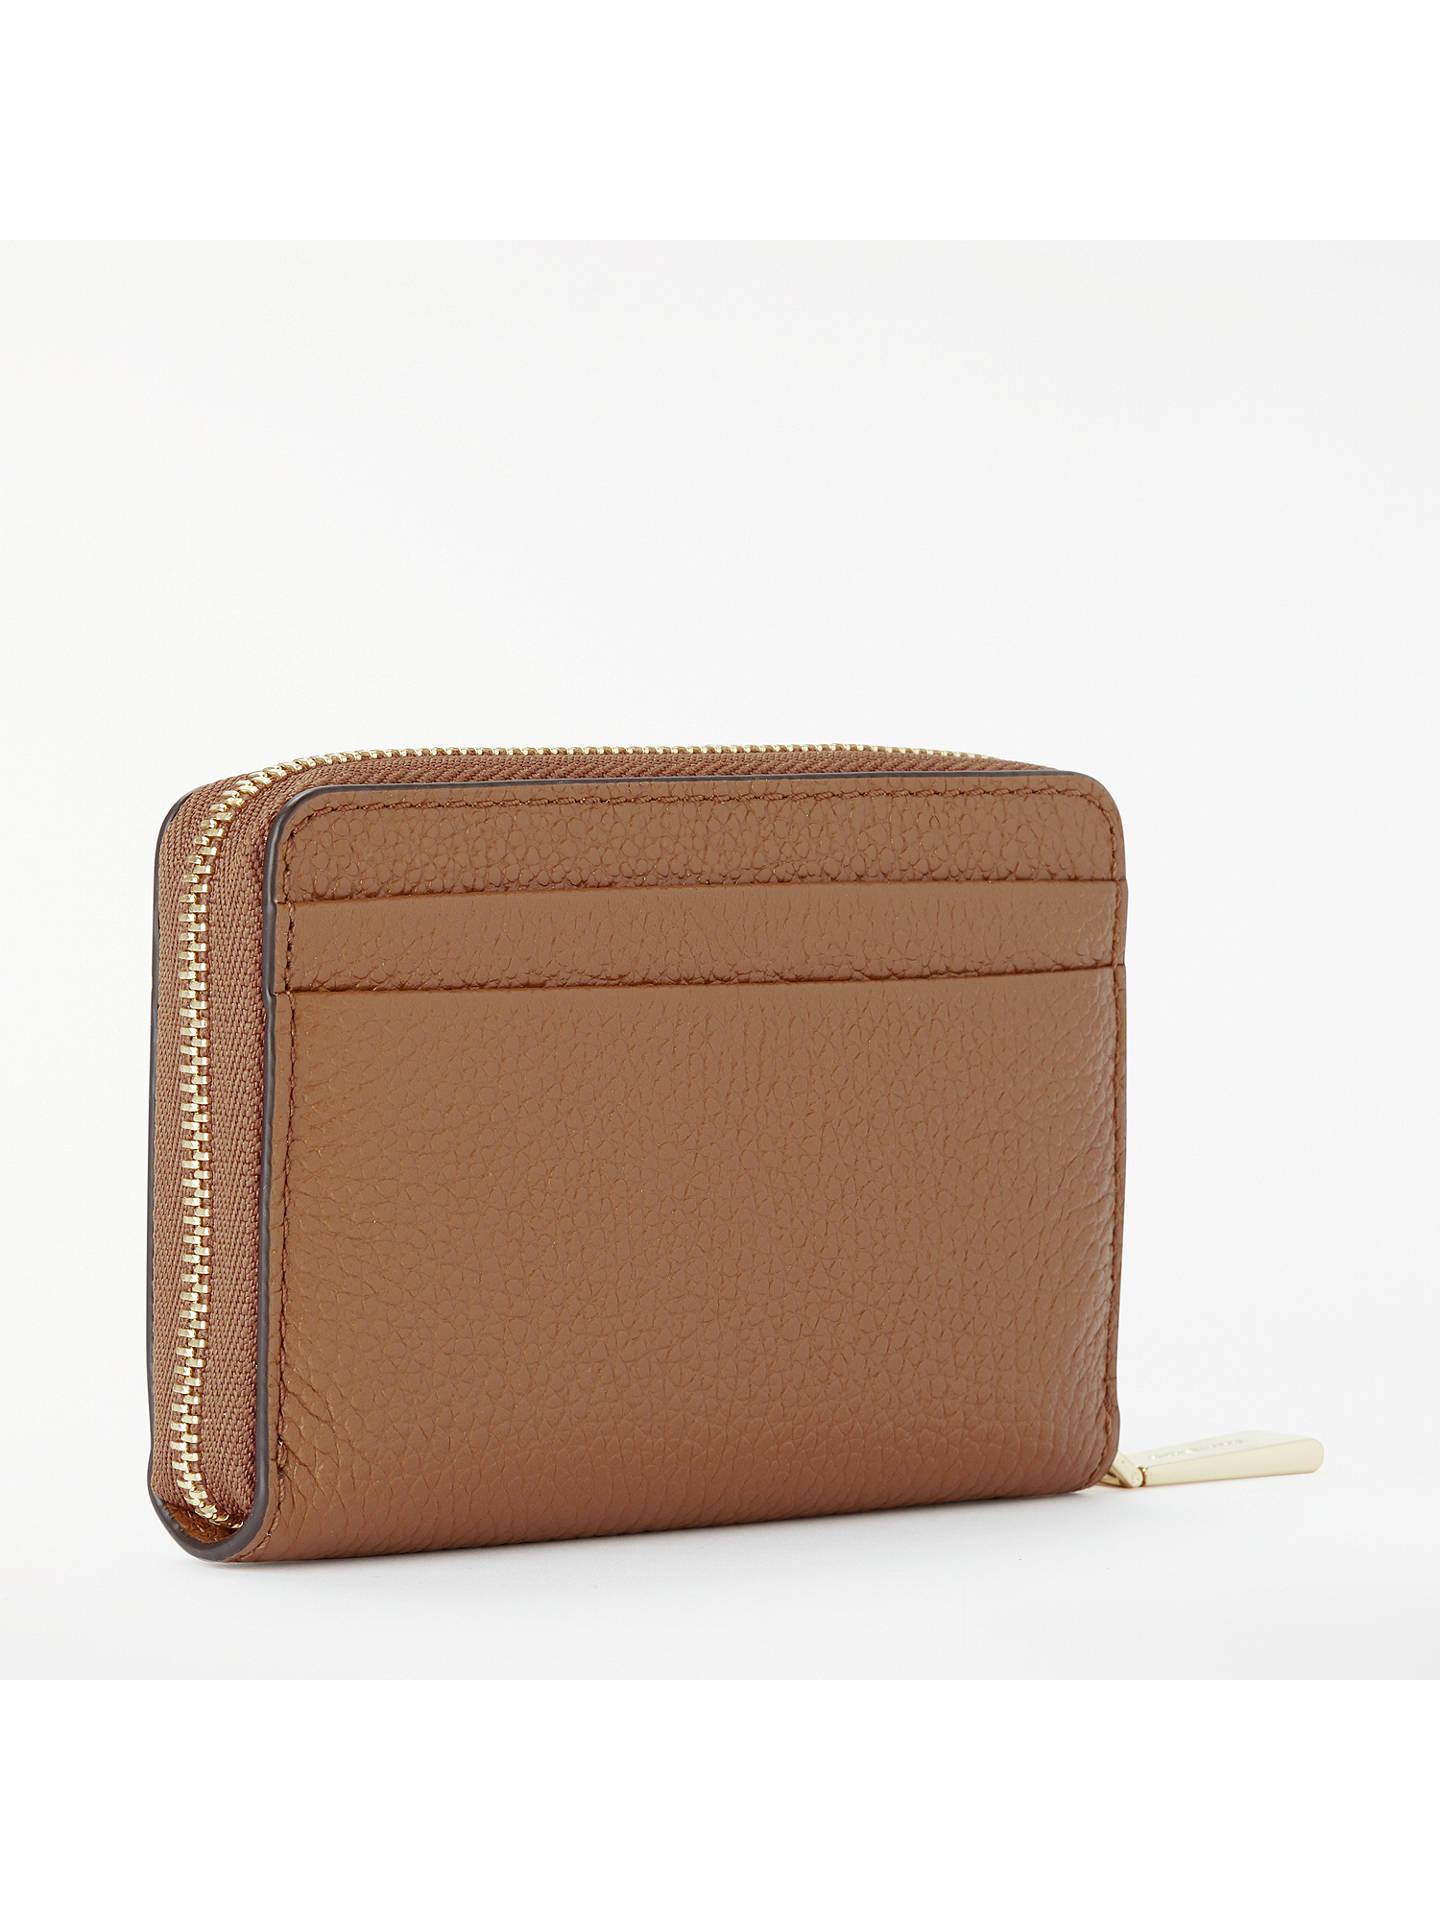 c0dfc9ff577354 ... Buy MICHAEL Michael Kors Money Pieces Leather Card Purse, Acorn Online  at johnlewis.com ...